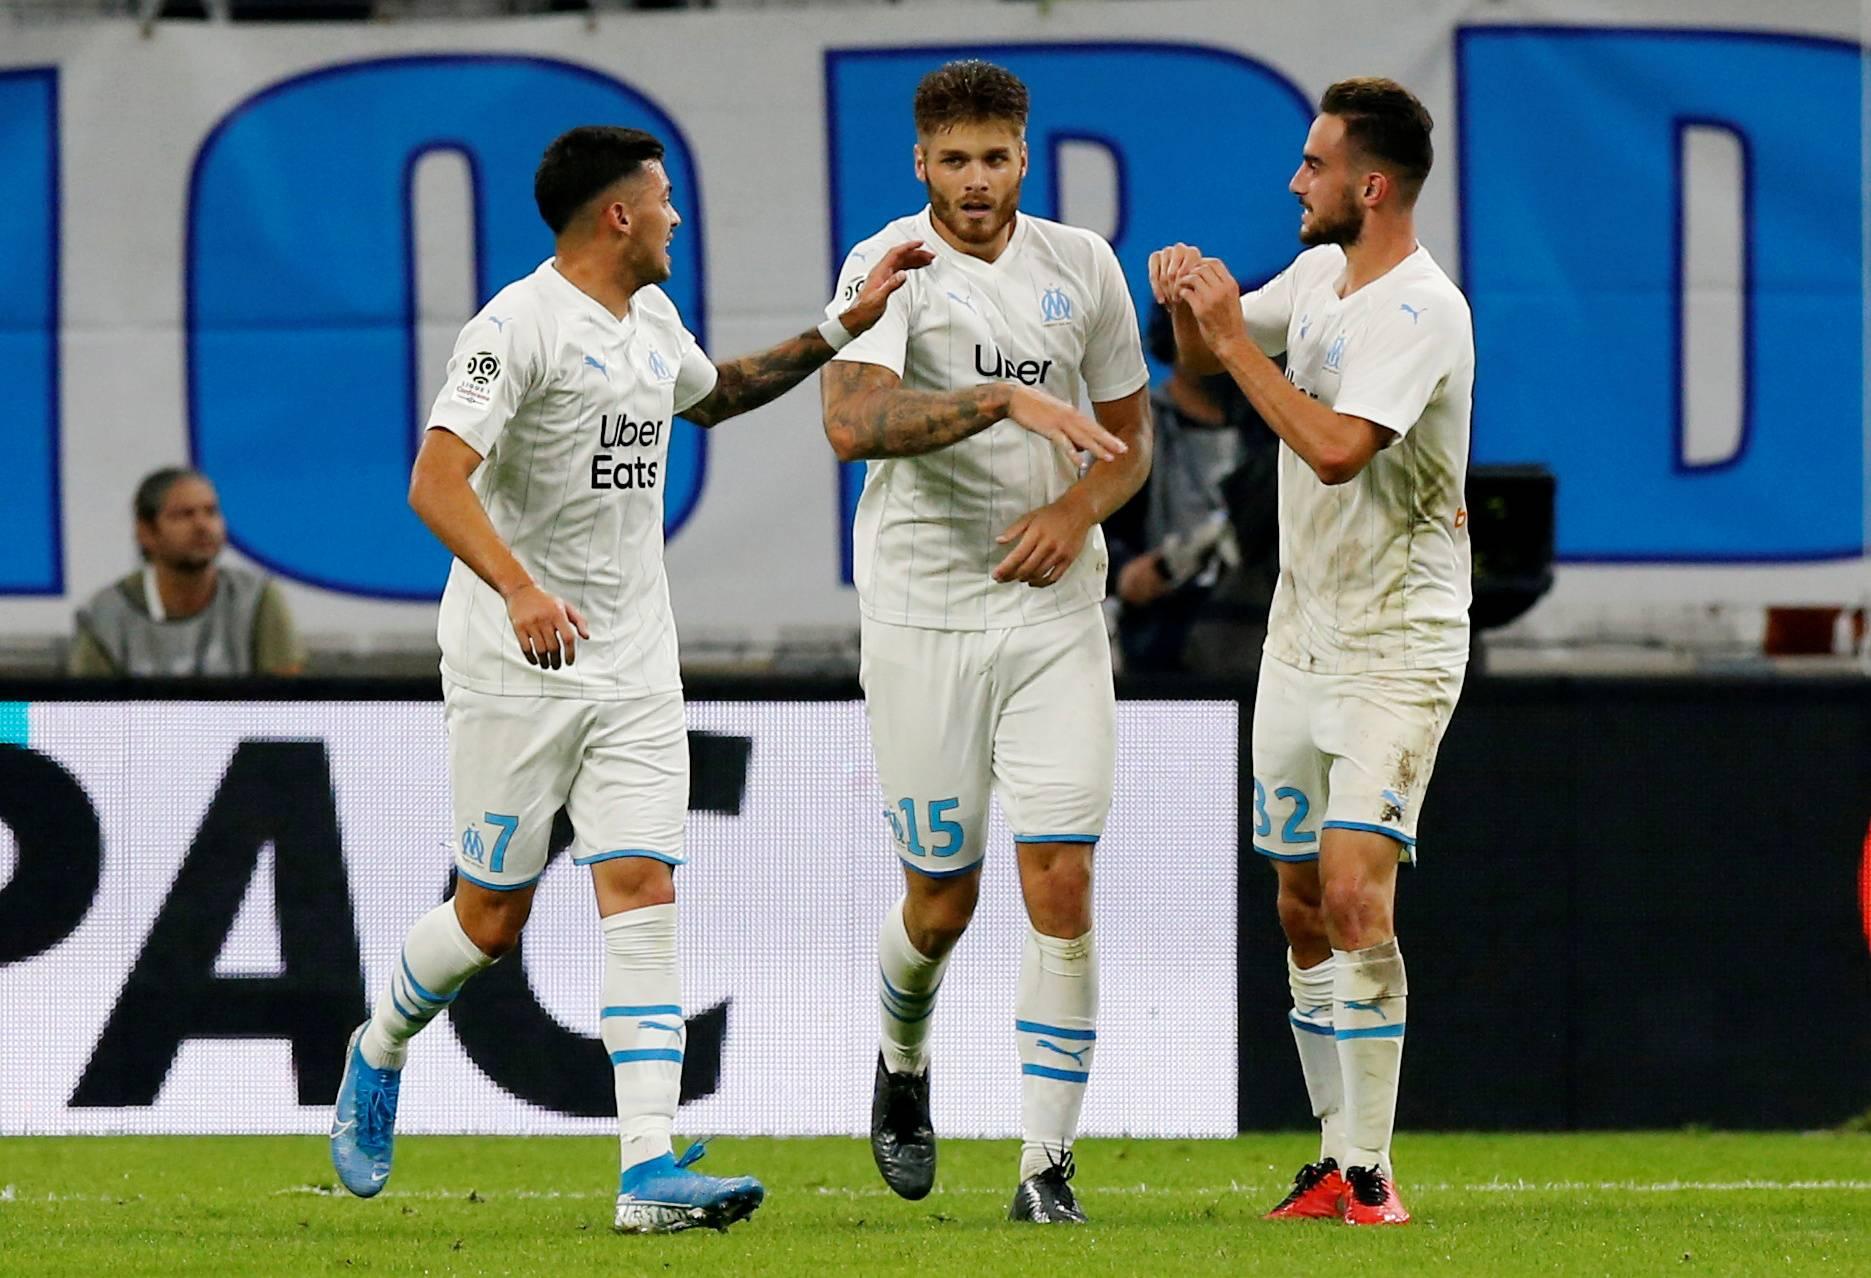 Ligue 1 - Olympique de Marseille vs Stade Rennes